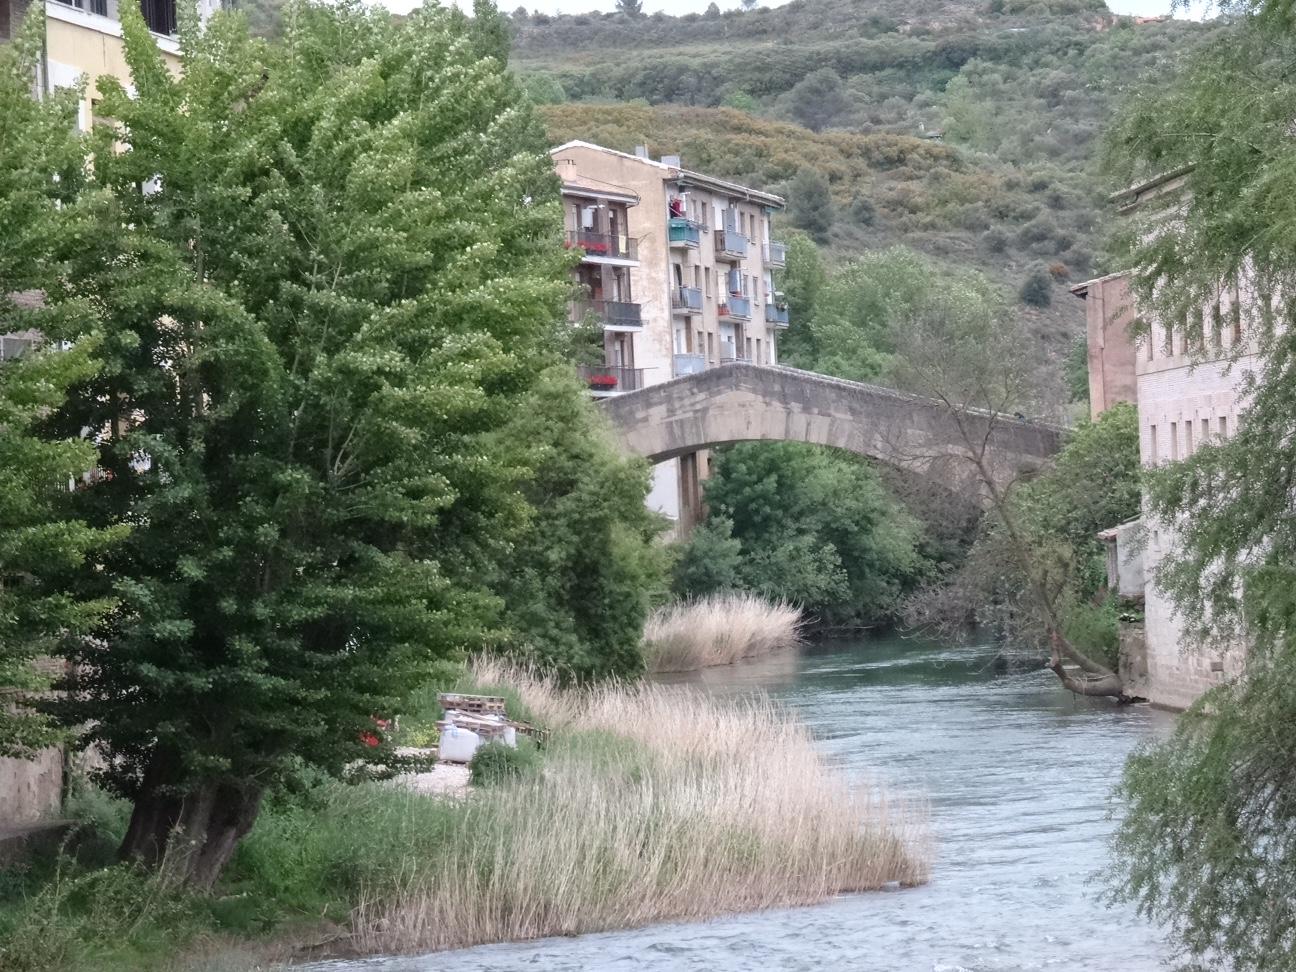 Tag 7, von Estella nach Los Arcos